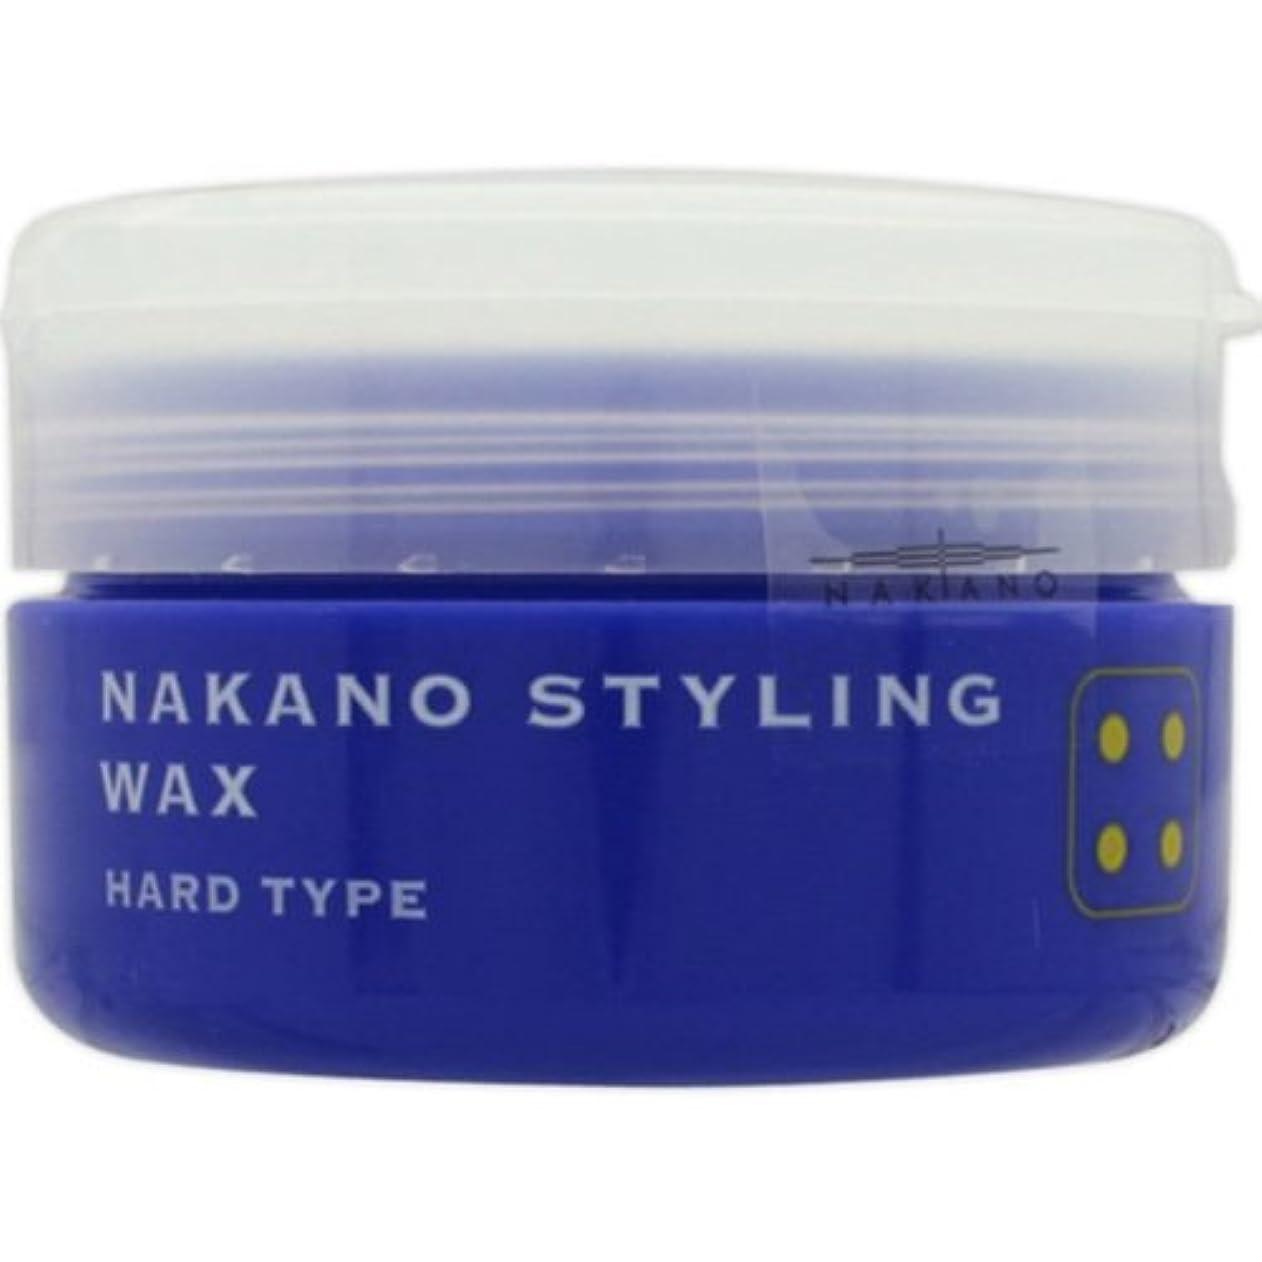 因子パーフェルビッド宣言ナカノ スタイリングワックス 4 ハードタイプ 90g 中野製薬 NAKANO